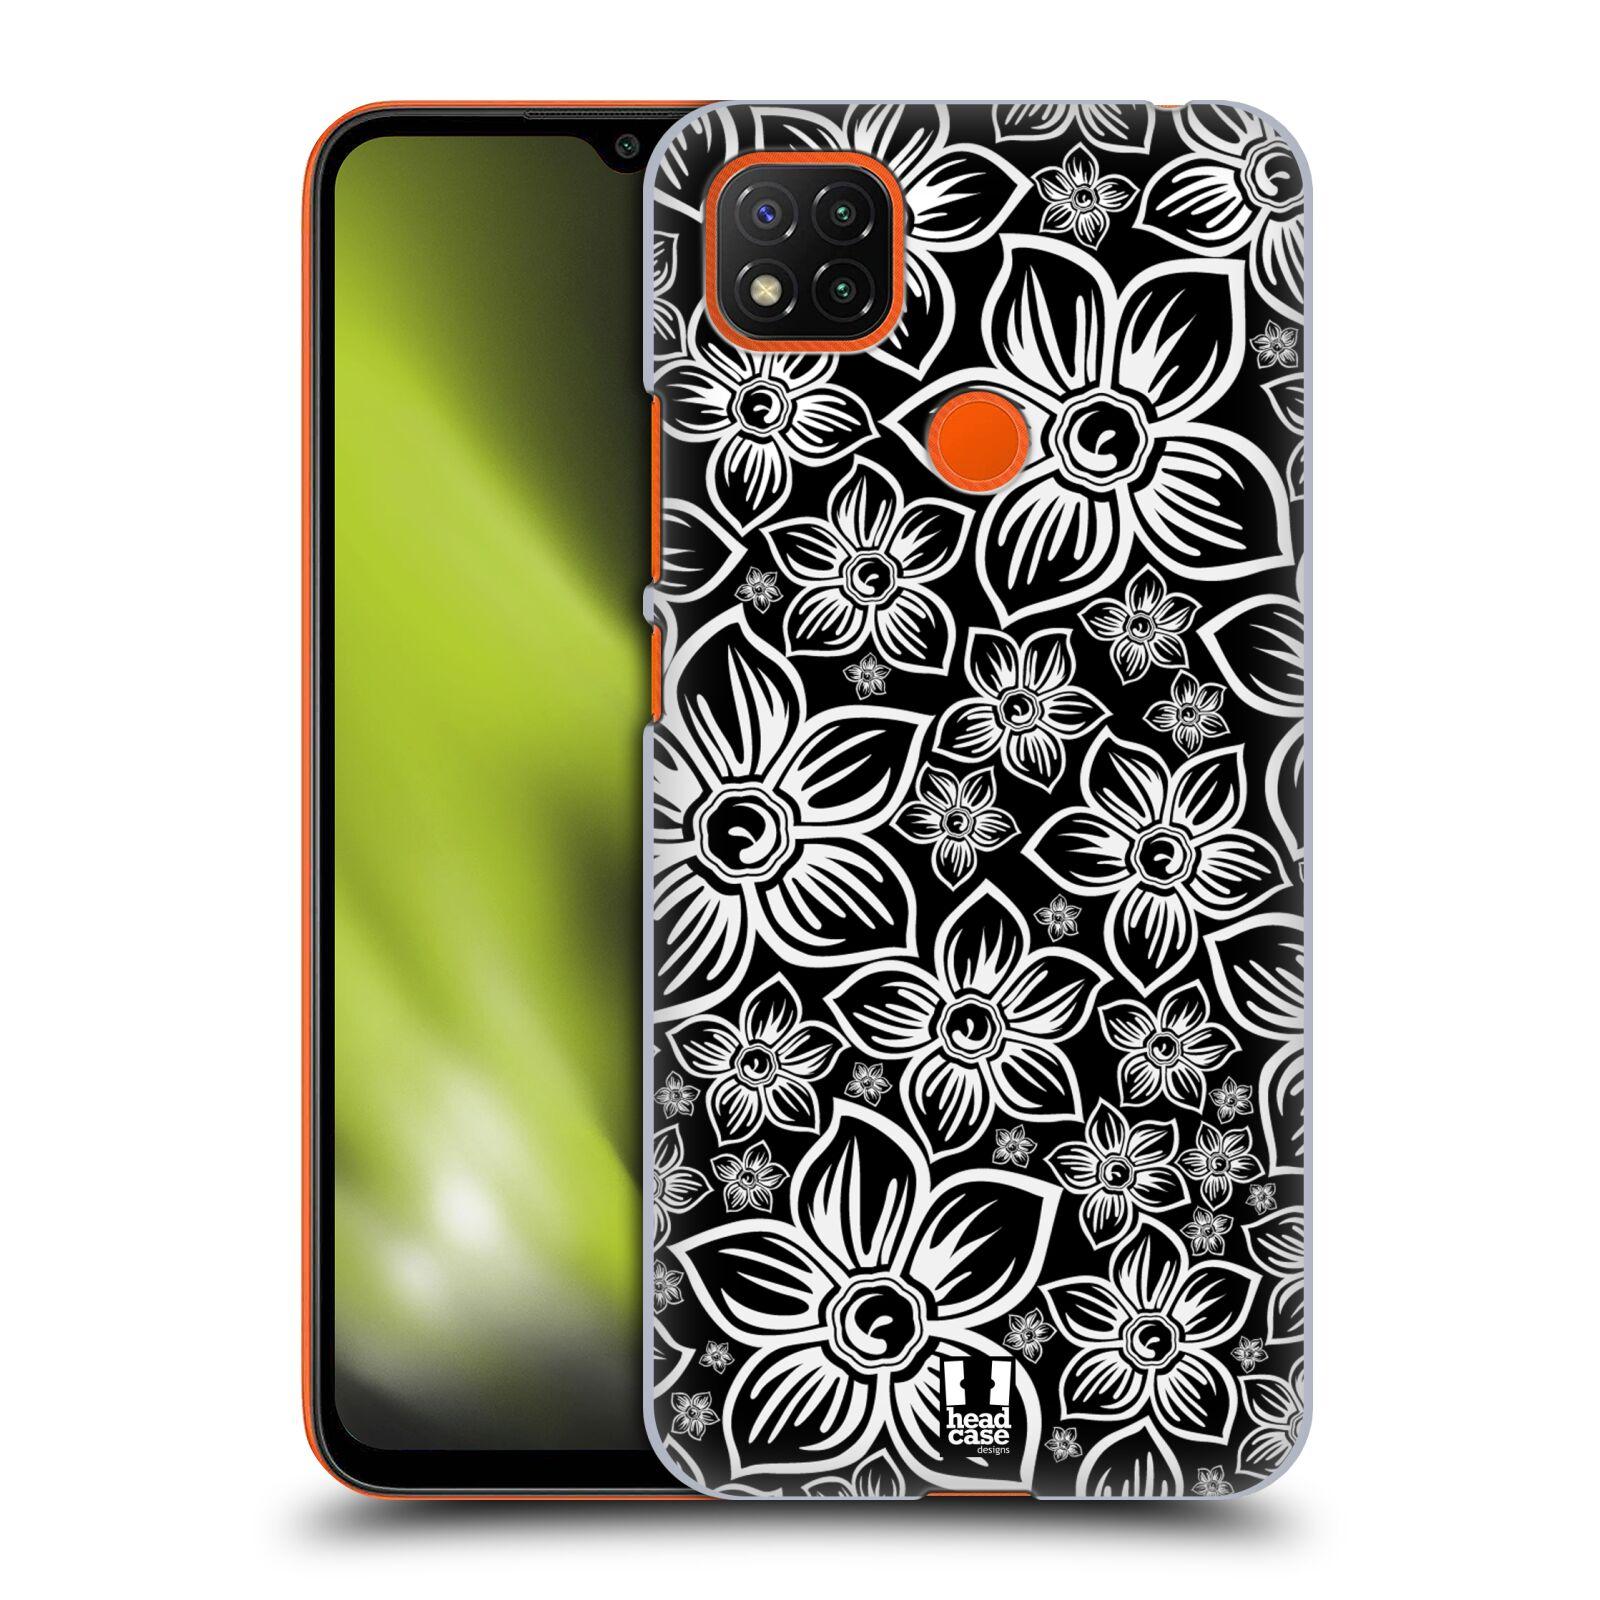 Plastové pouzdro na mobil Xiaomi Redmi 9C - Head Case - FLORAL DAISY